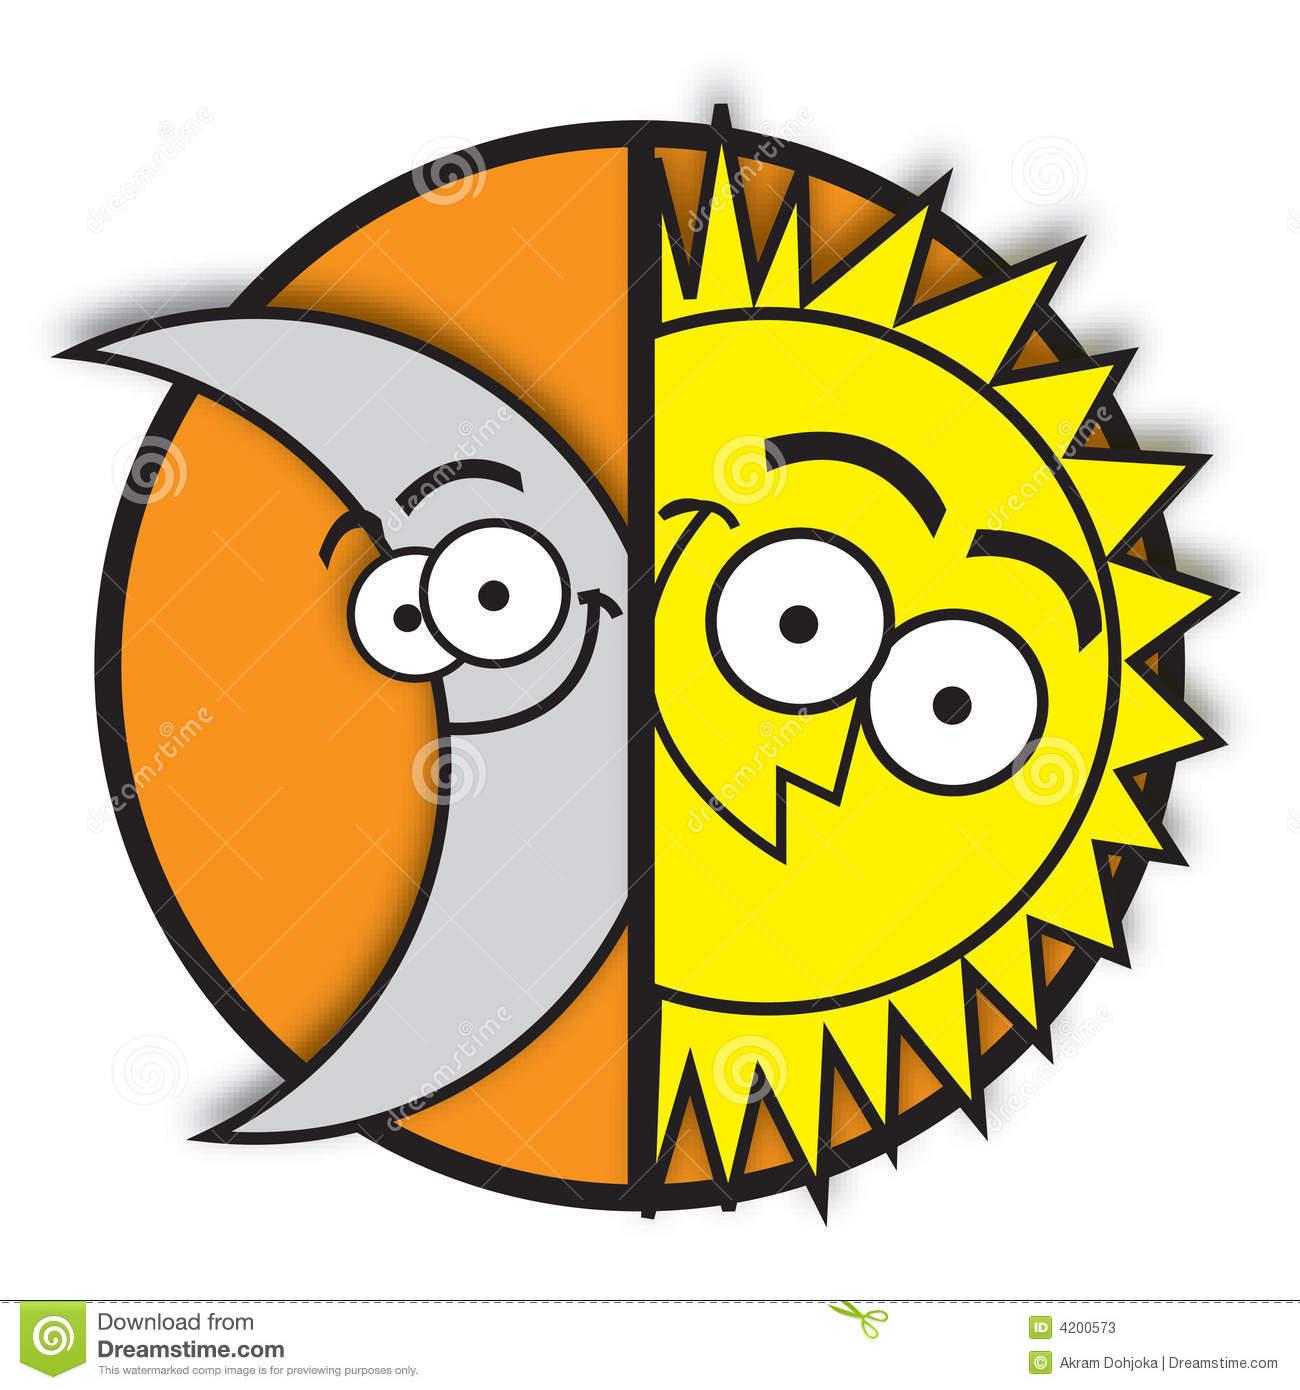 Moon & sun stock vector. Illustration of orange, cartoon.